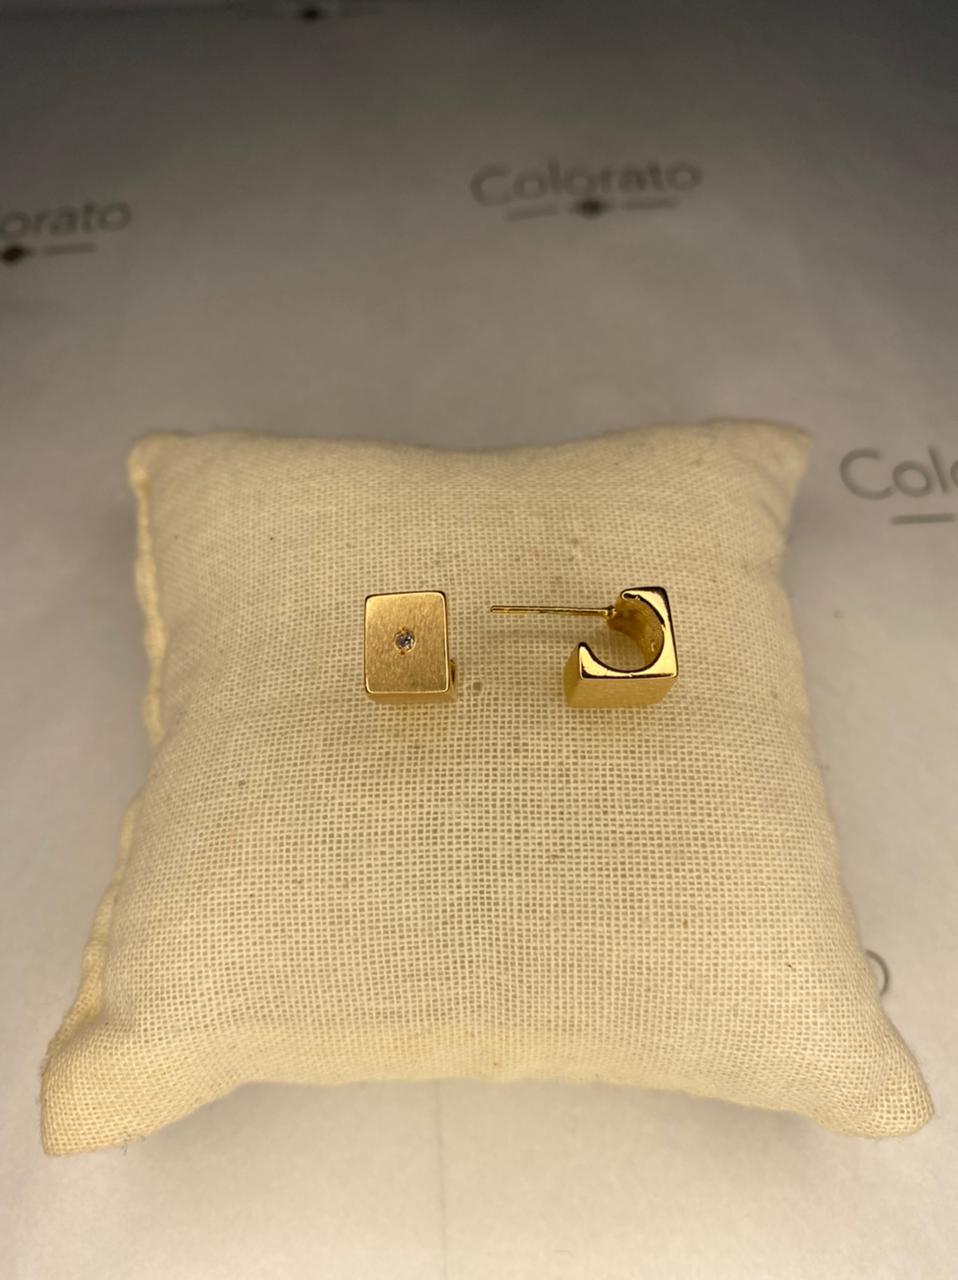 Brinco cubo dourado com ponto de luz